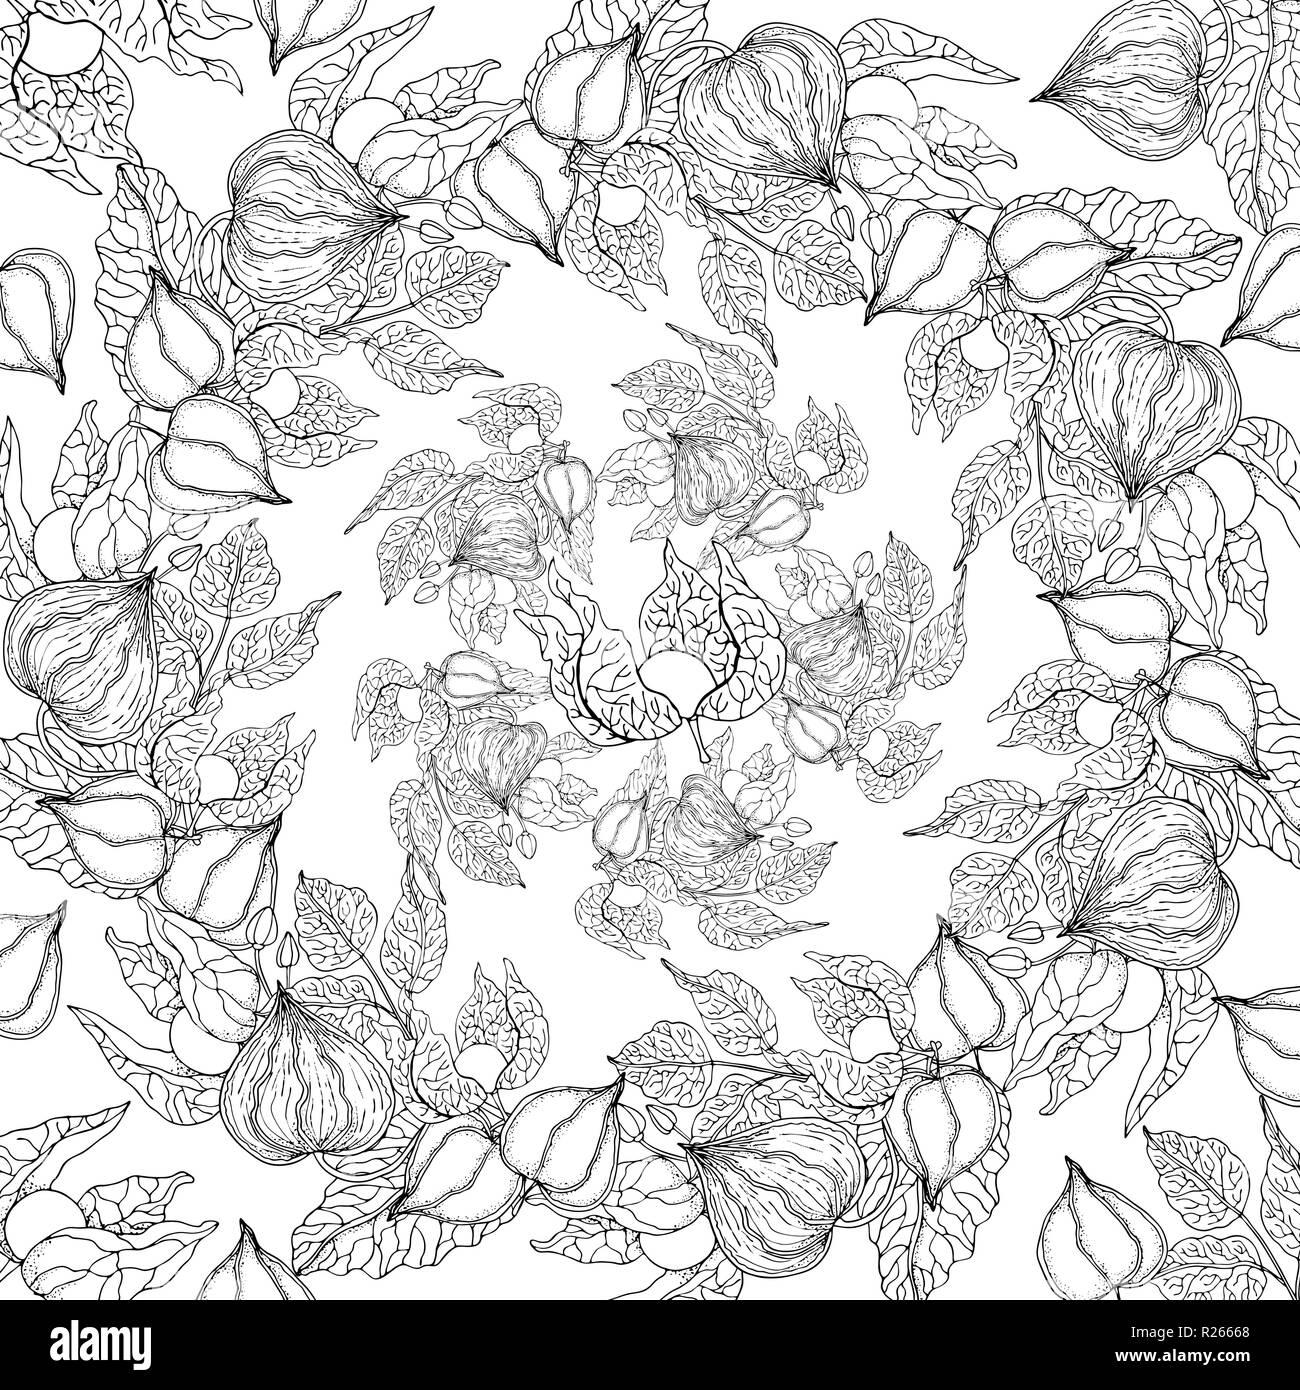 Doodle sfondo floreale nel vettore con scarabocchi in bianco e nero nella pagina di colorazione Immagini Stock